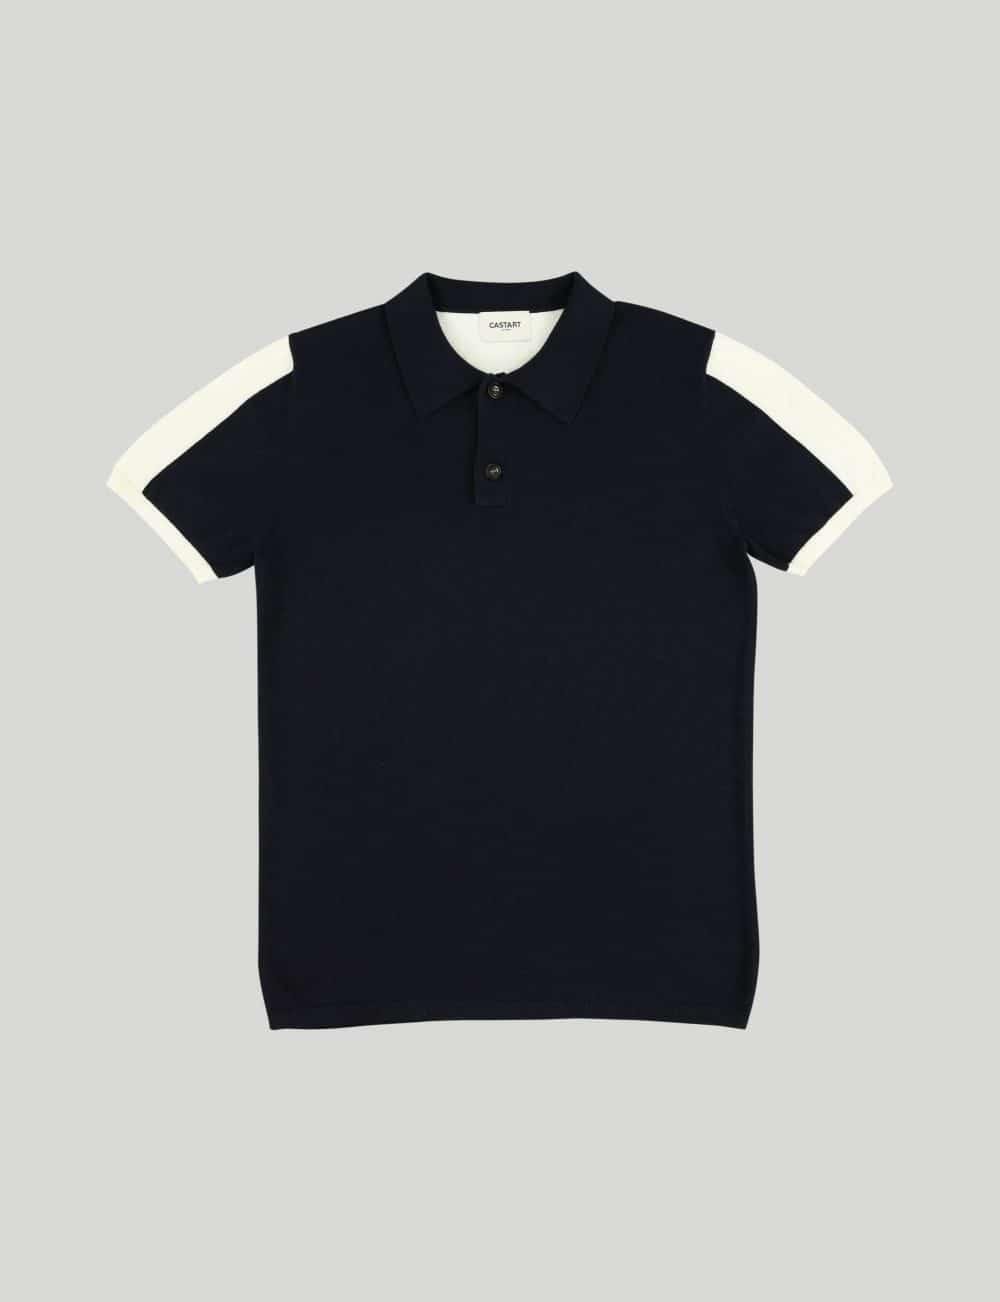 Castart - Topolino knitwear - Navy Blue